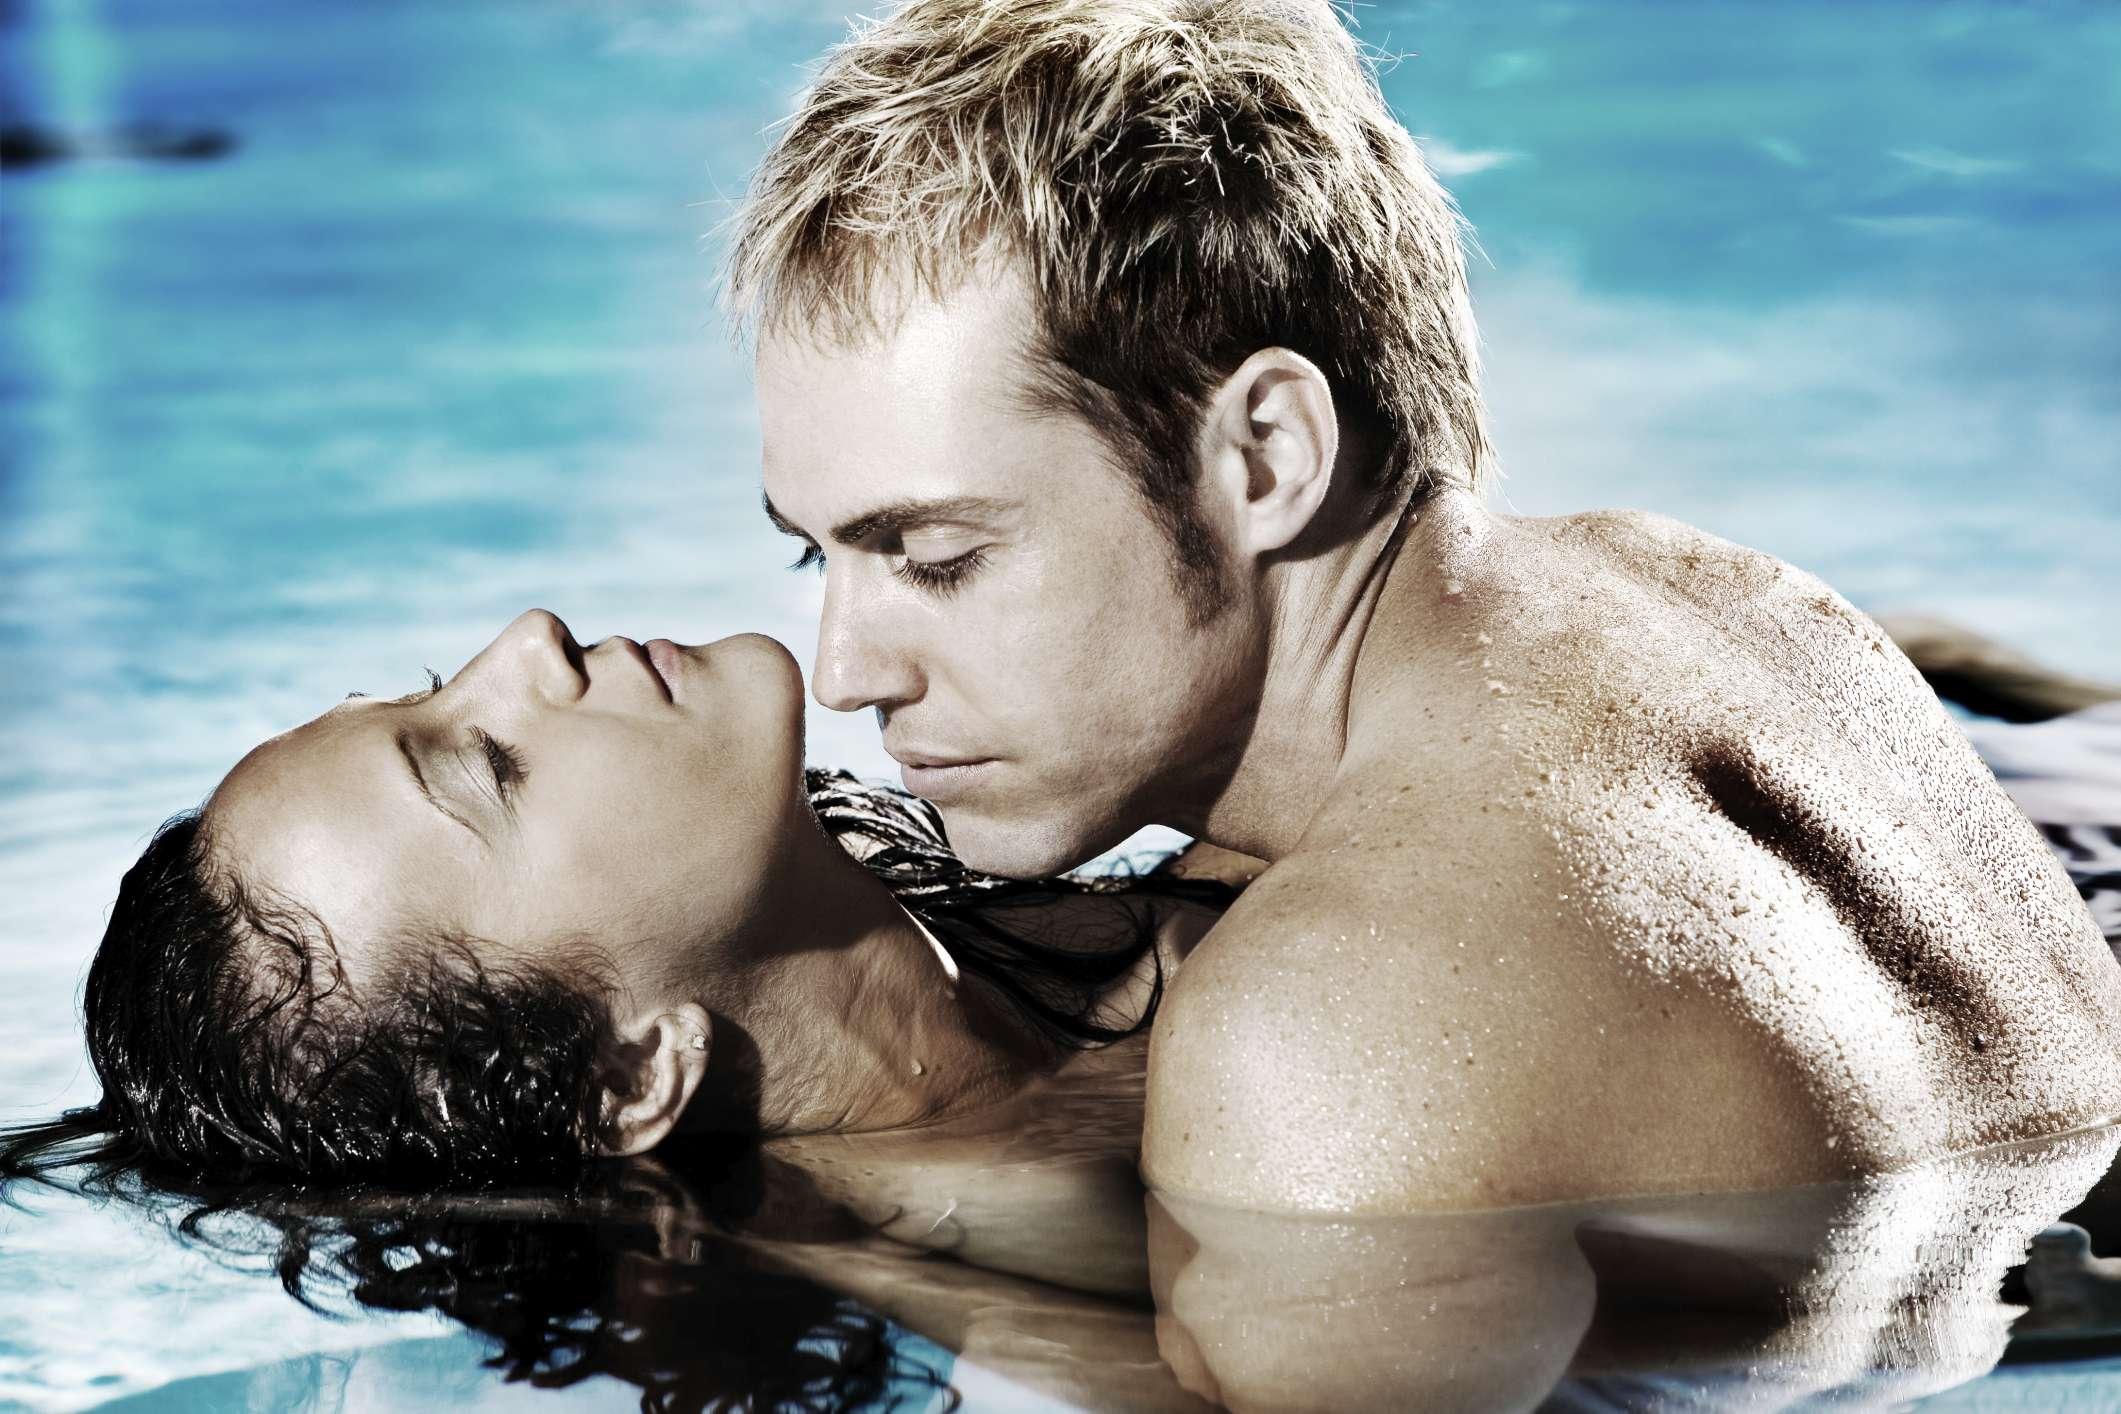 sexo en el agua Foto: Thinkstock.com